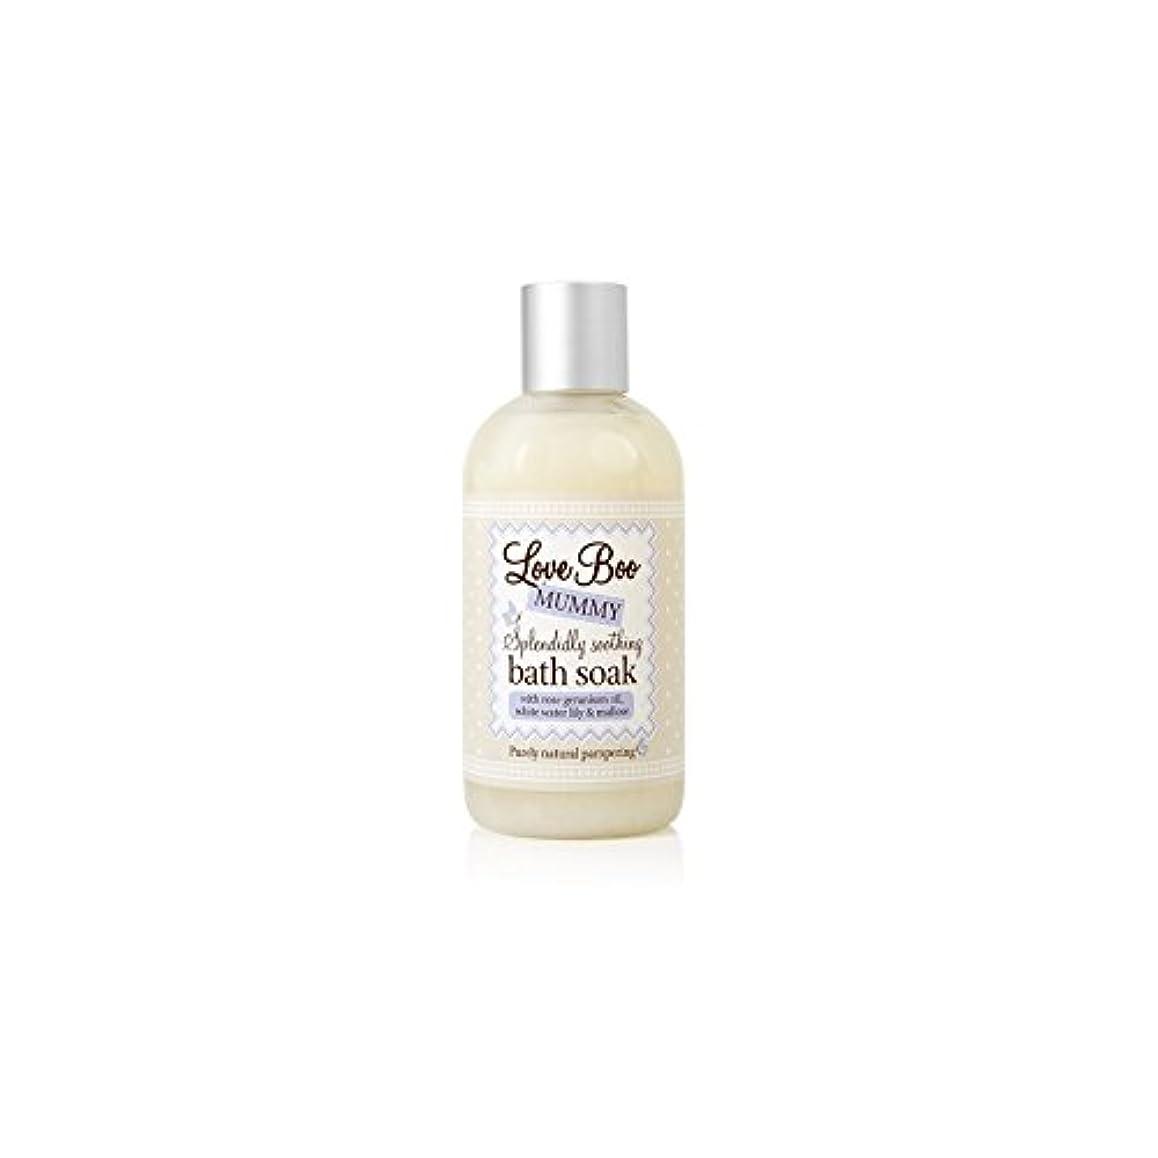 兵器庫成分連鎖Love Boo Splendidly Soothing Bath Soak (250ml) - ブーイング見事なだめるようなお風呂が大好き(250ミリリットル)を浸します [並行輸入品]